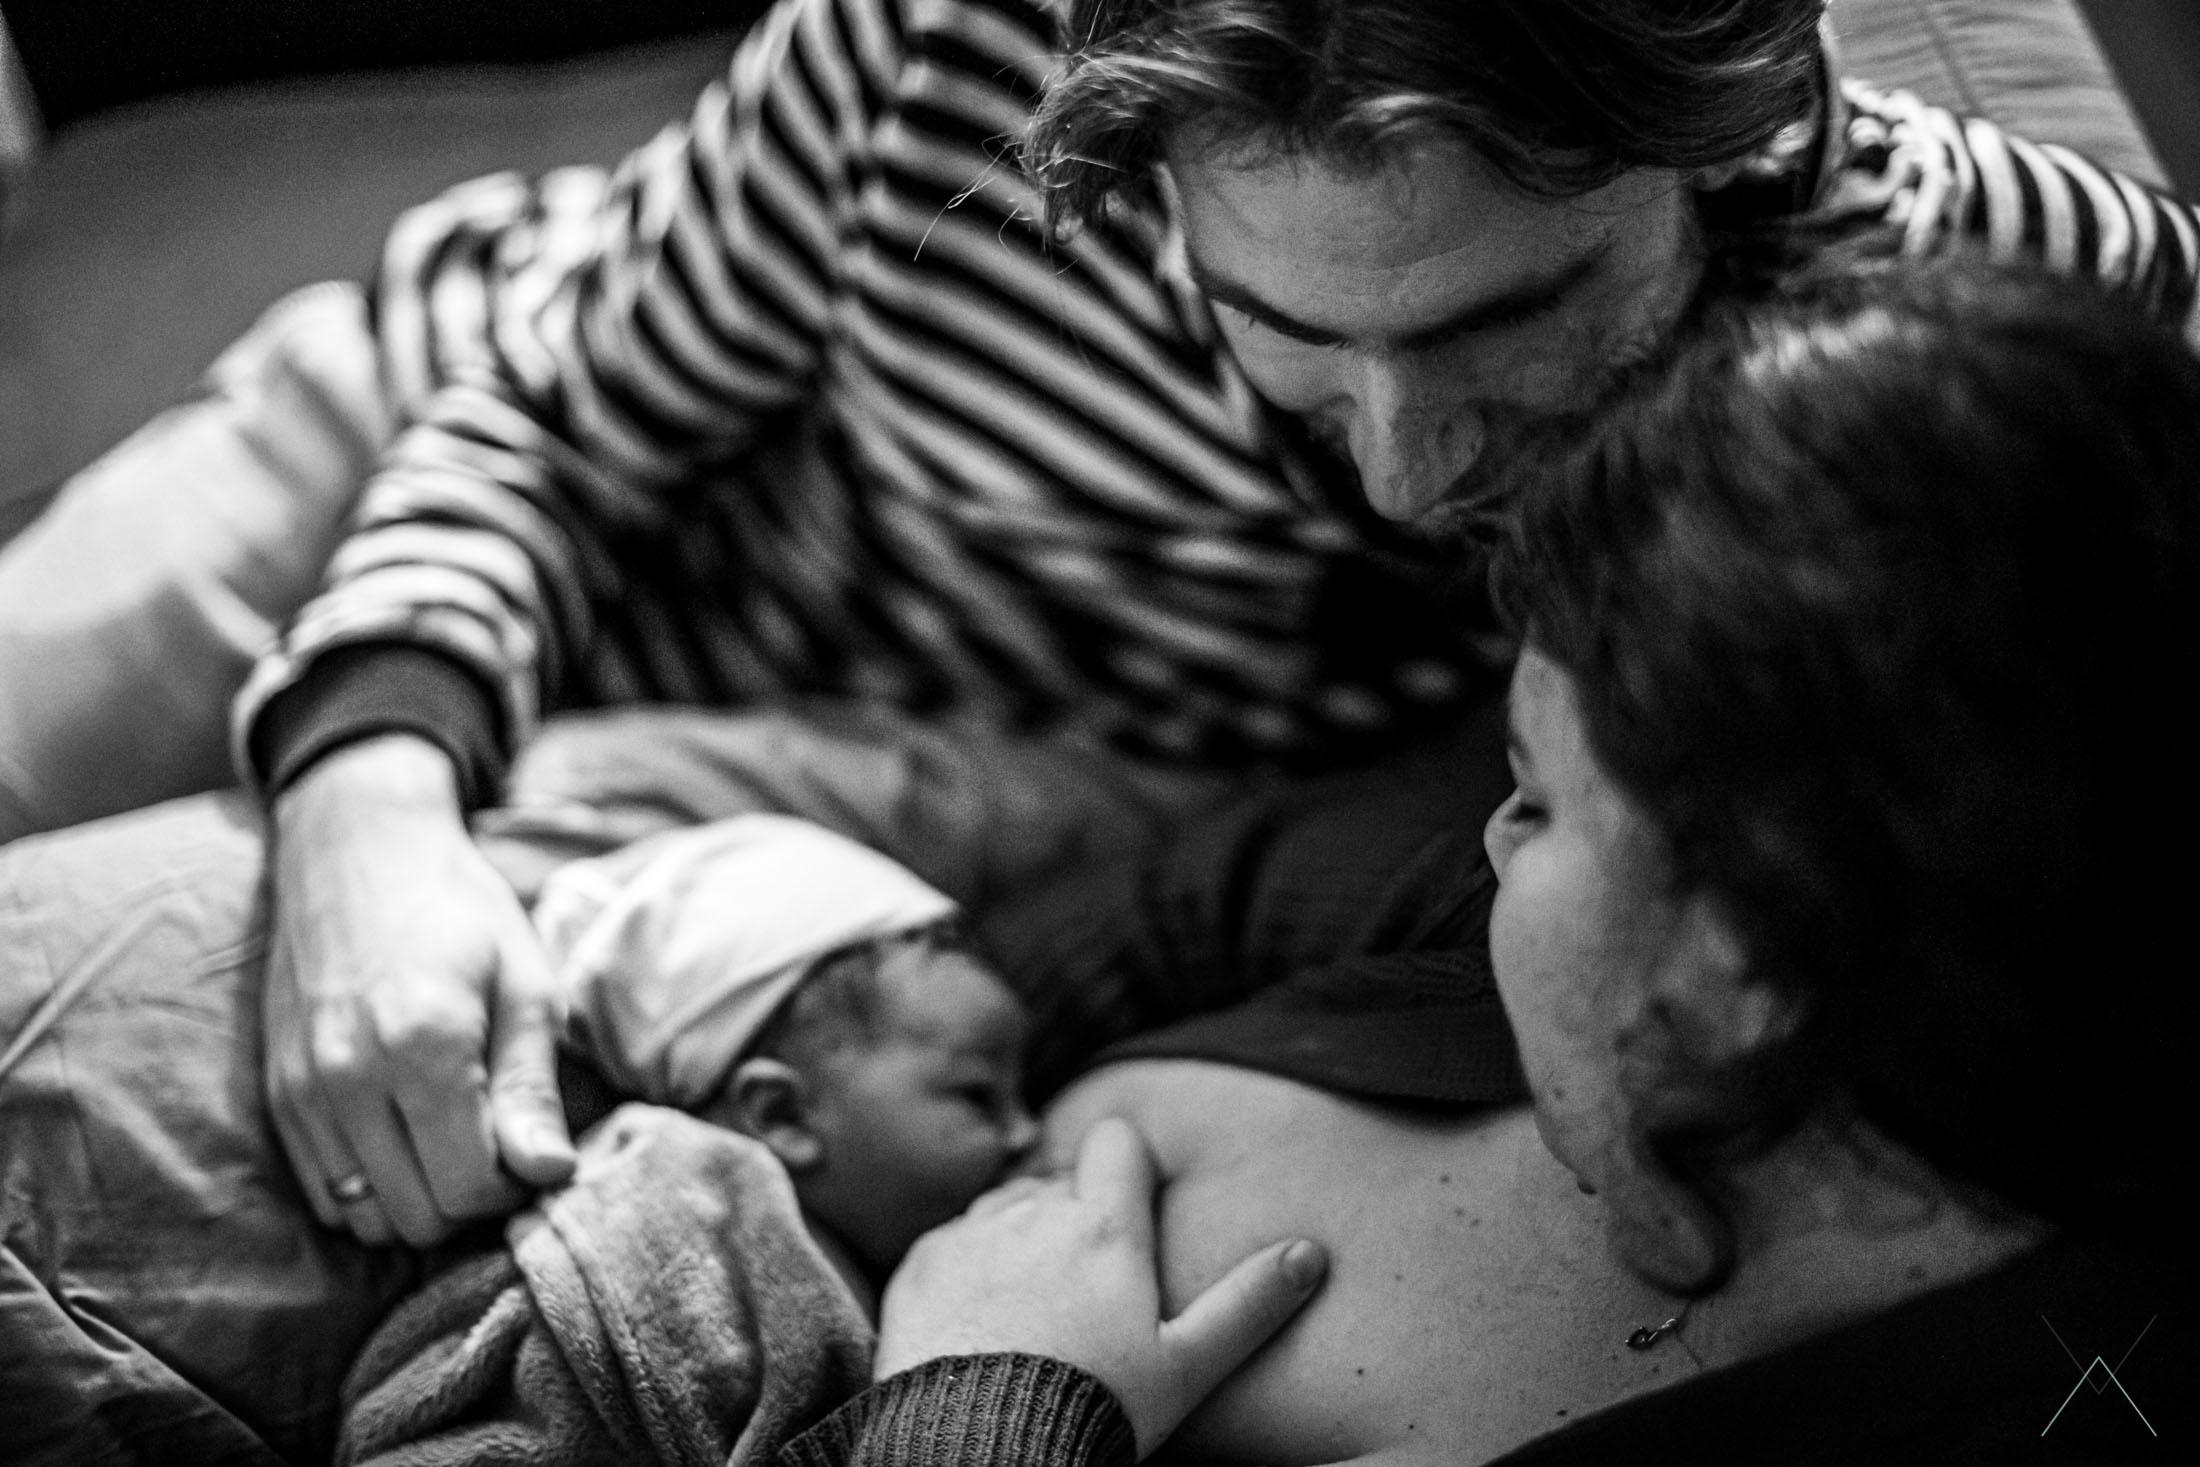 vanessa amiot photographe aad - accouchement à domicile - accoucher en maison de naissance -